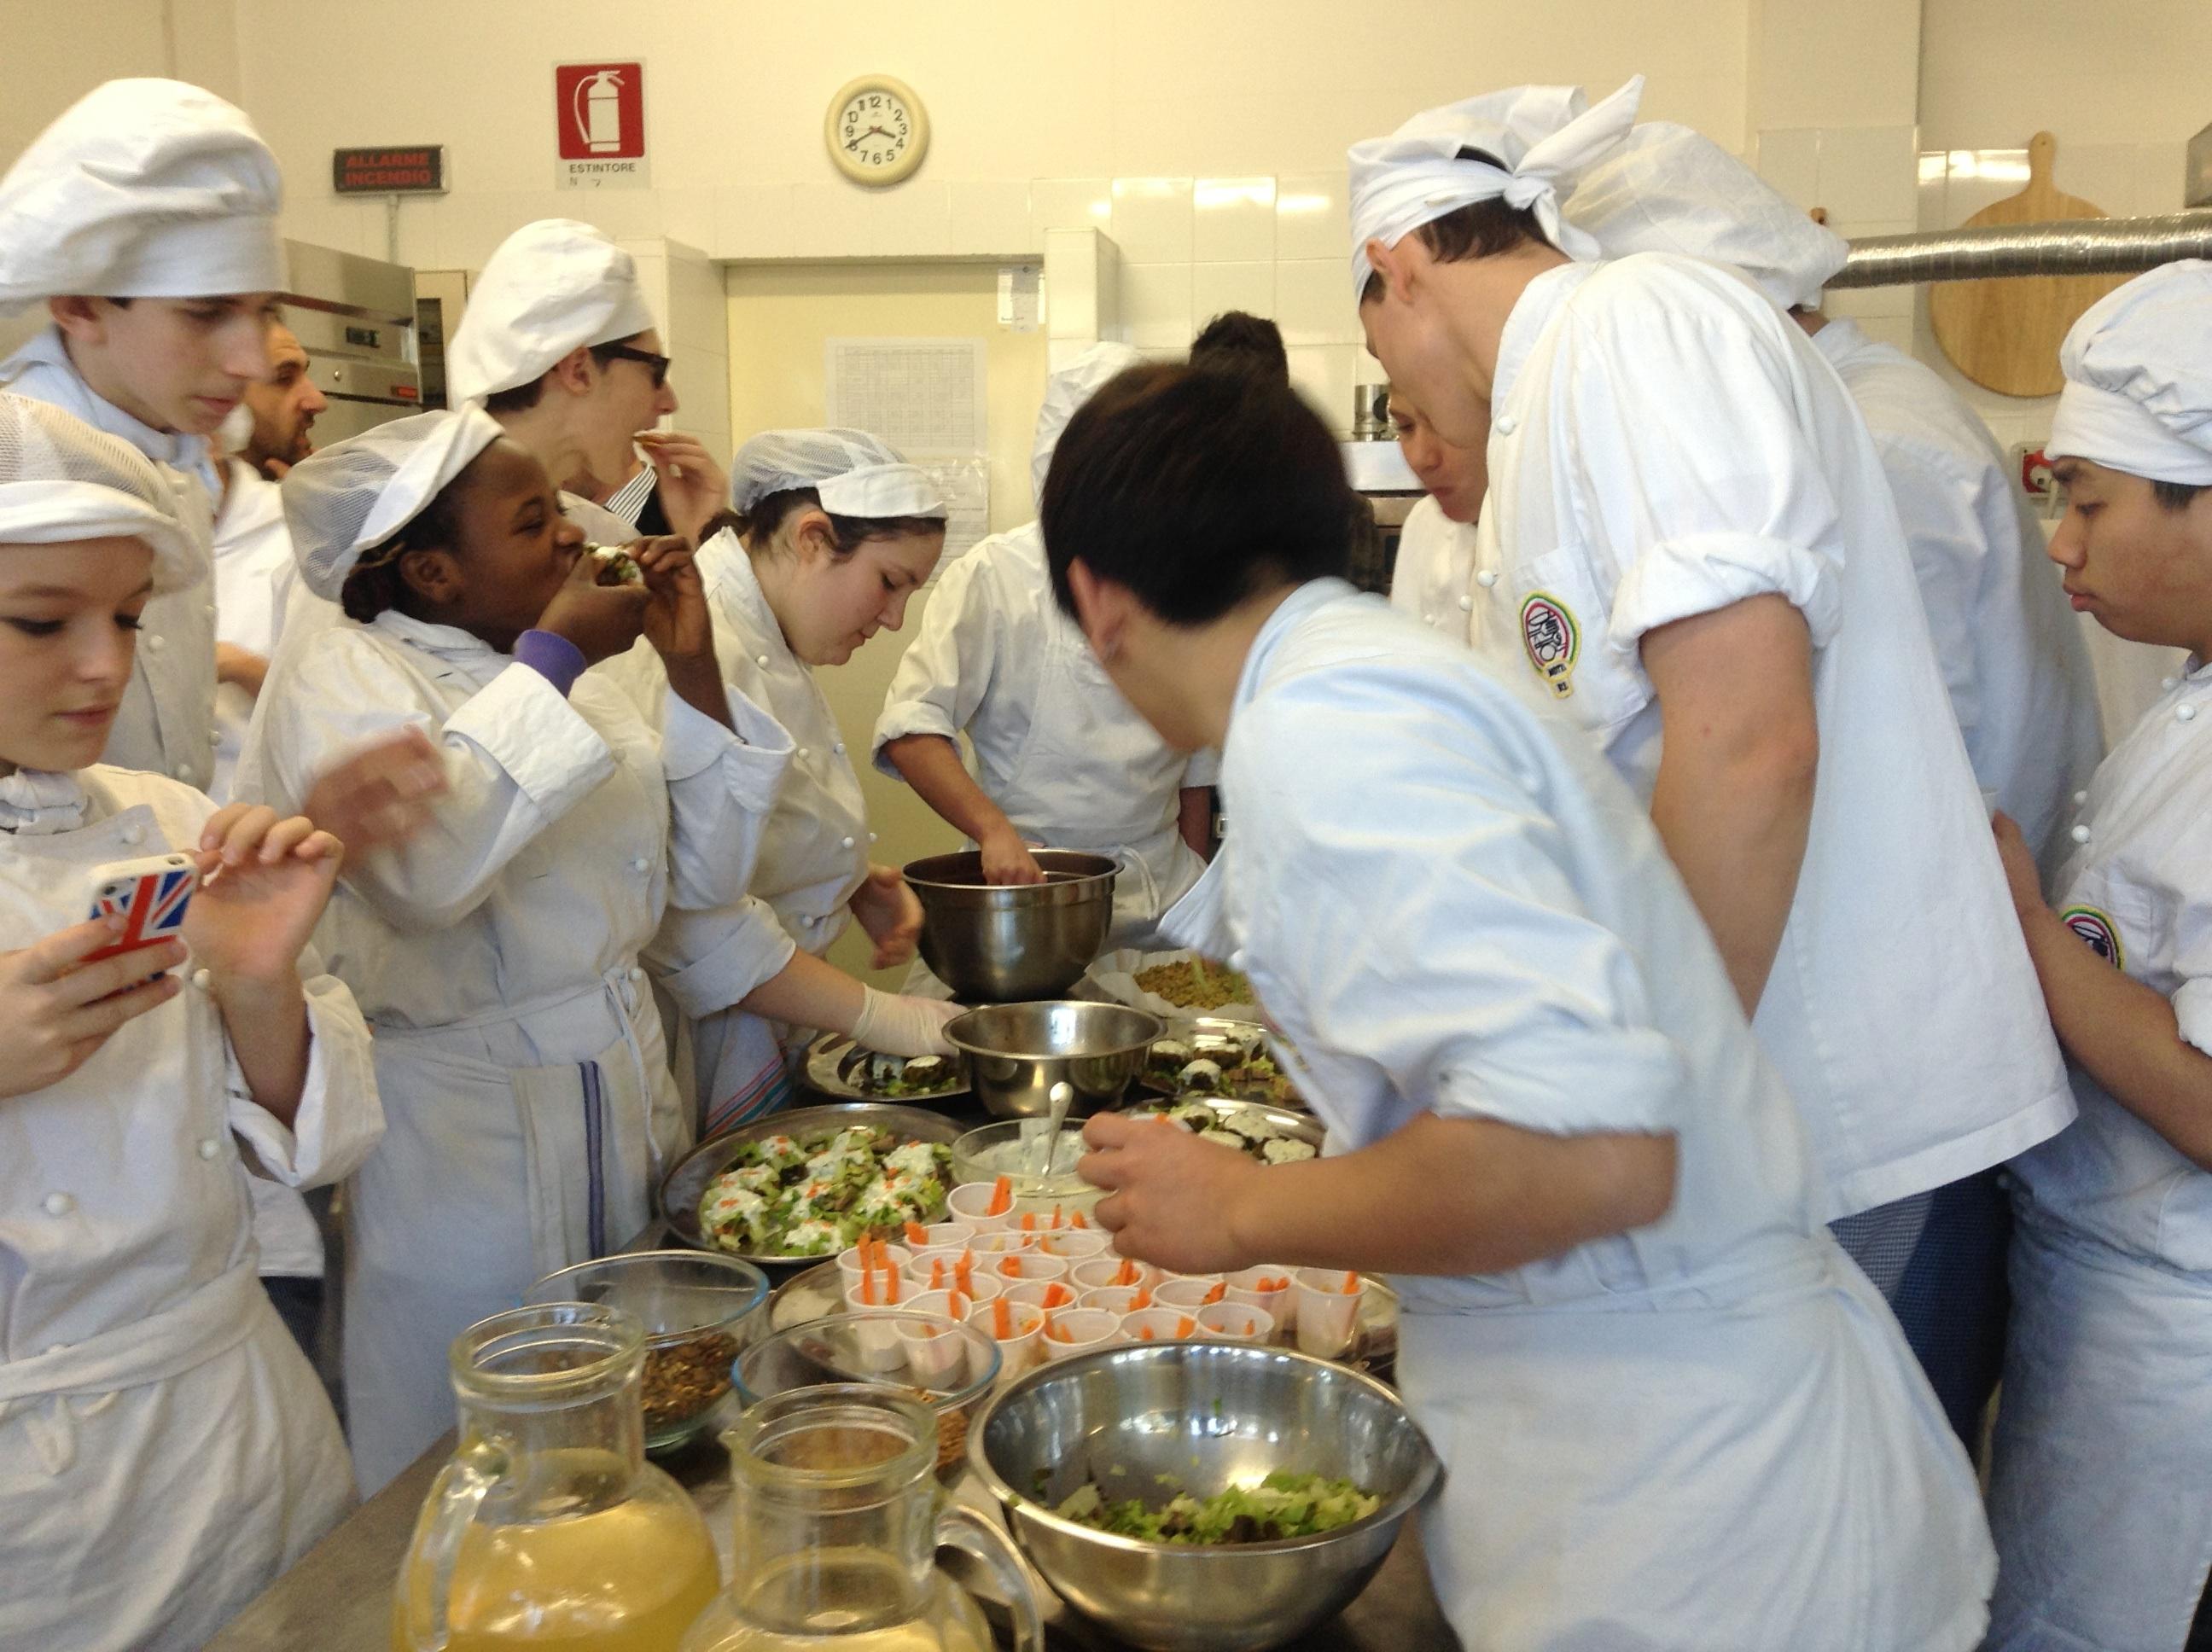 Foto storia disanapianta - Corsi di cucina reggio emilia ...